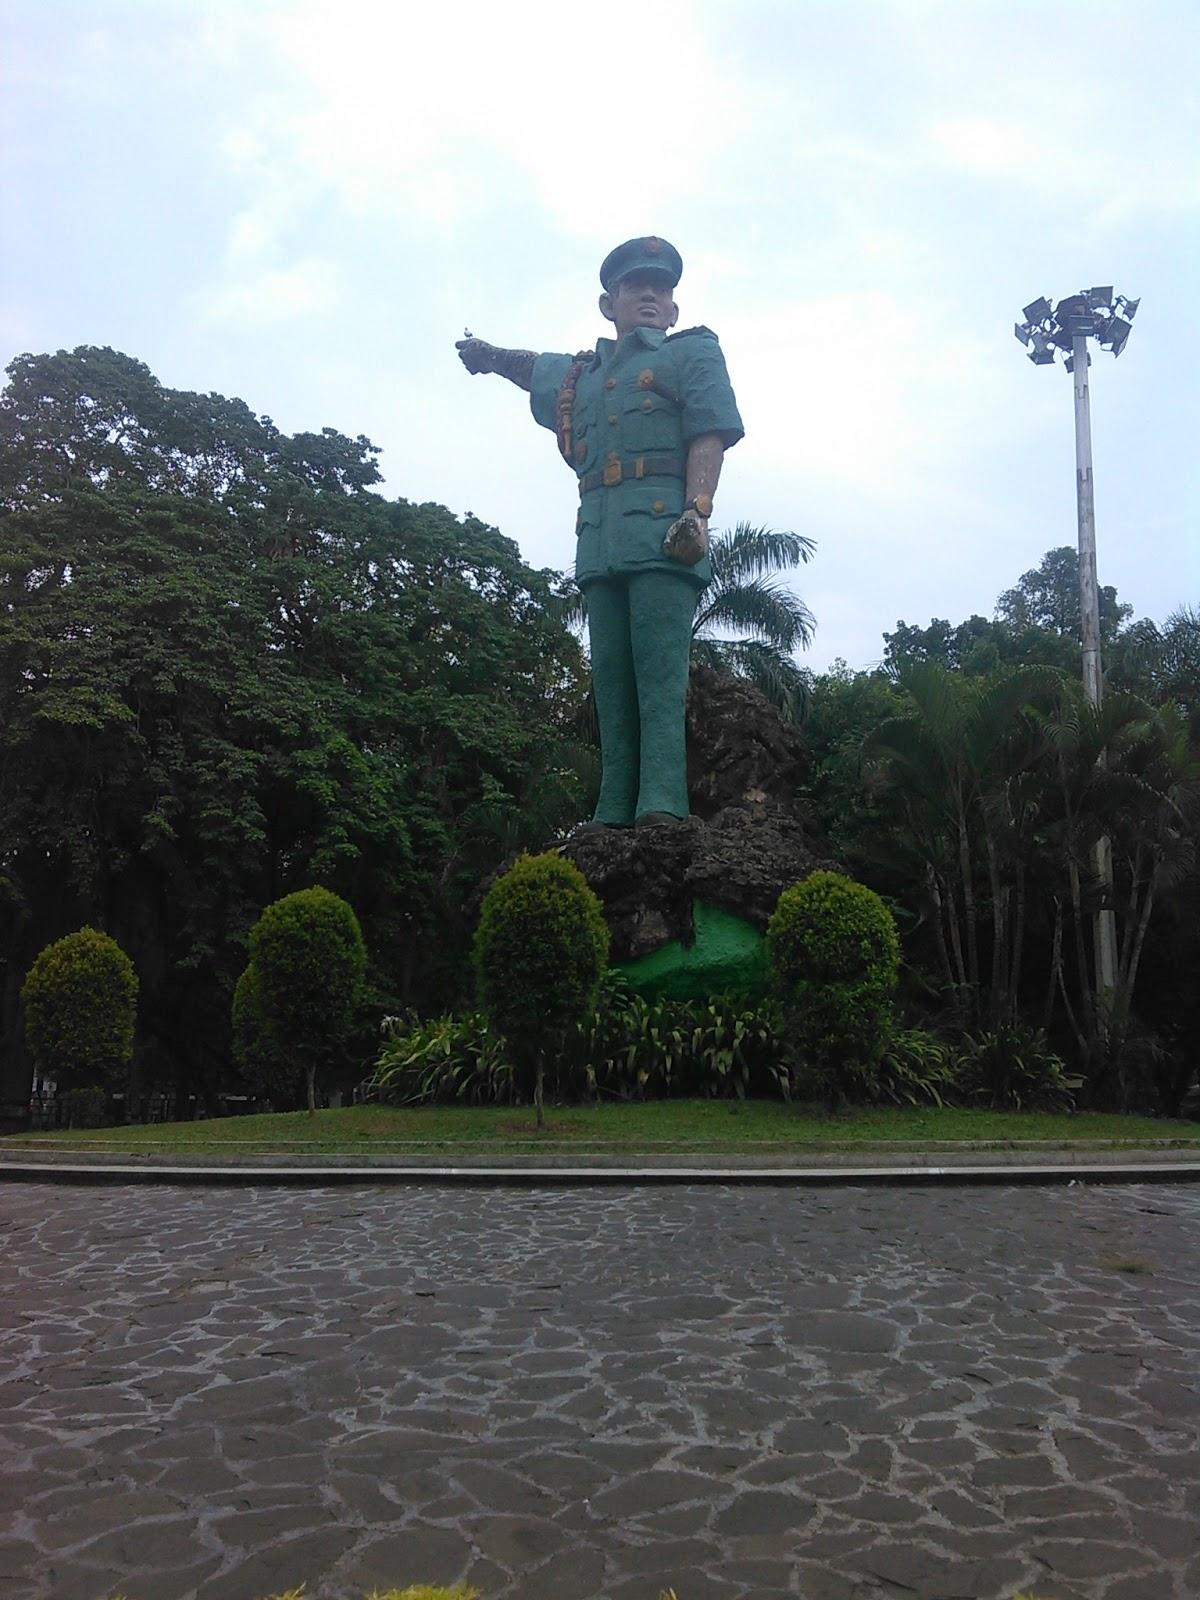 Sryatman Taman Ahmad Yani Ruang Terbuka Hijau Kota Medan Hari